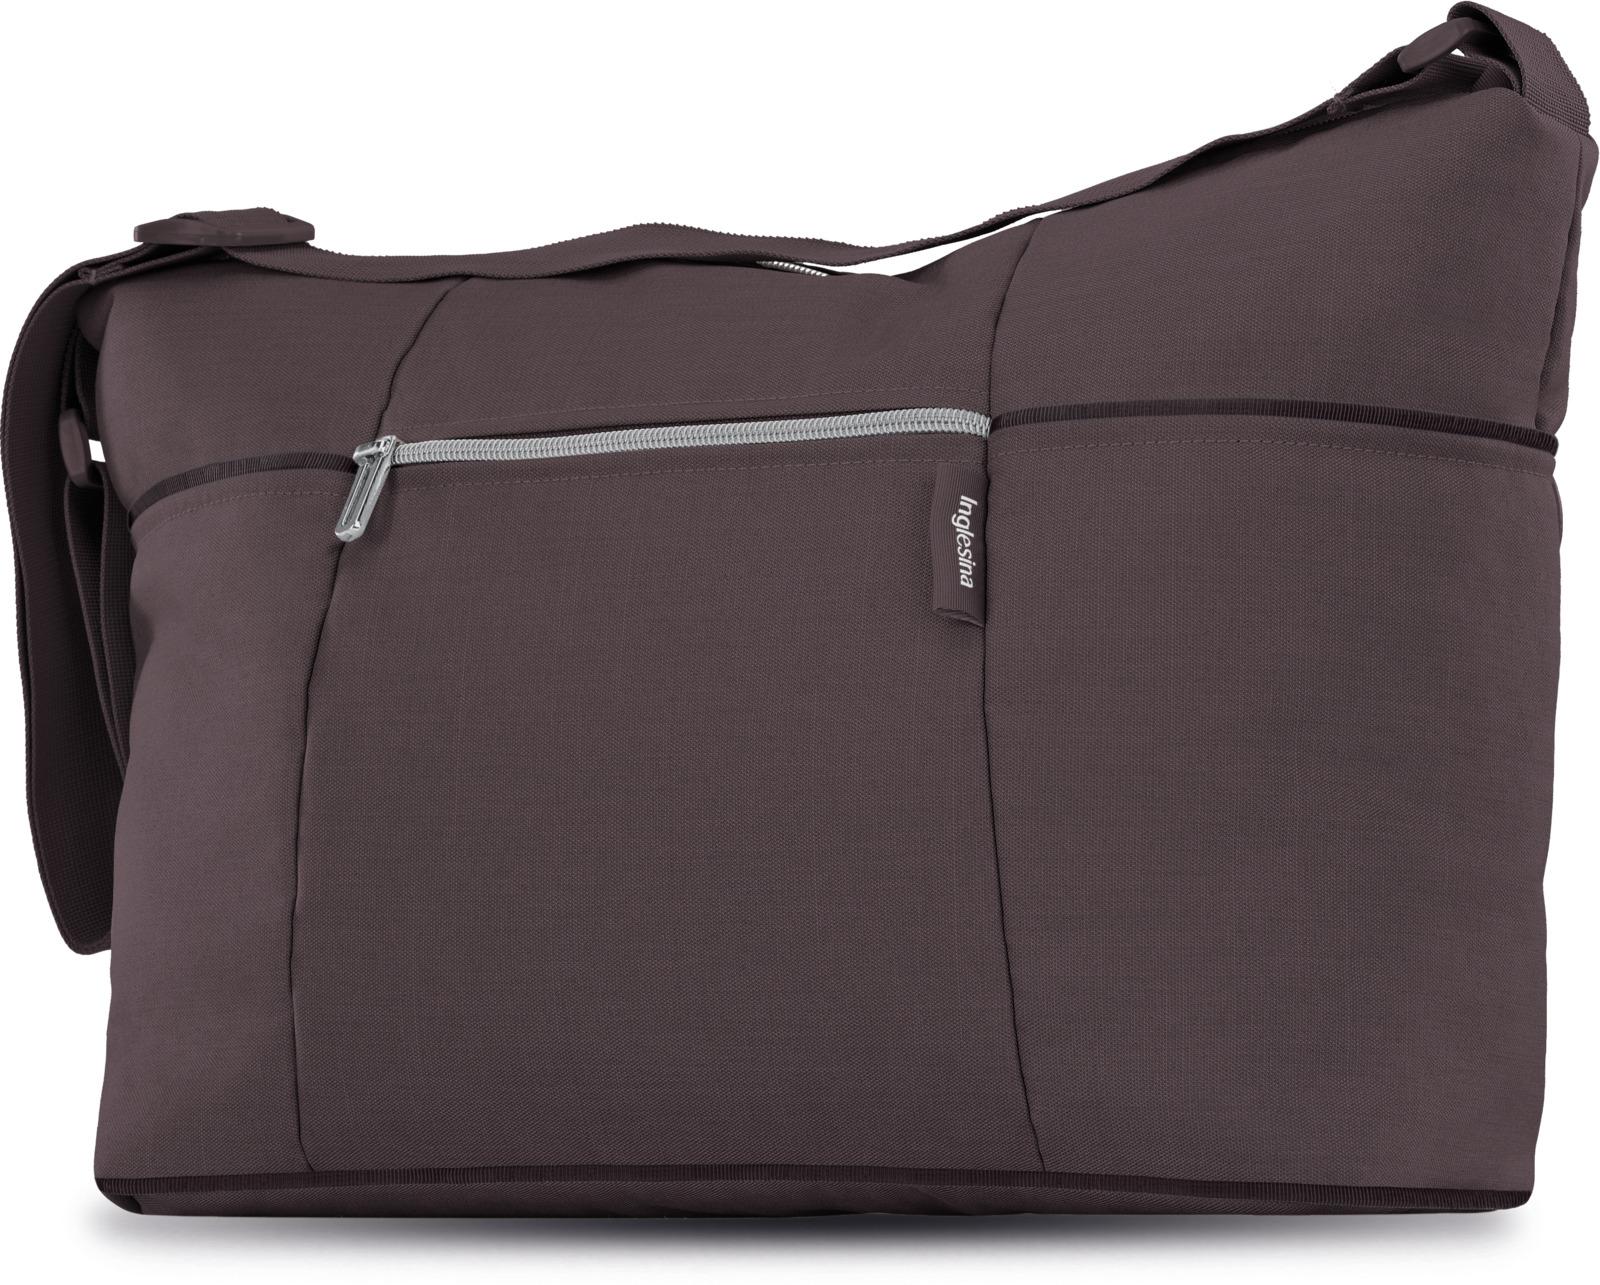 Сумка для коляски Inglesina Trilogy Day Bag, AX35K0MGL, Marron Glace сумка для коляски inglesina trilogy day bag maroon glace page 9